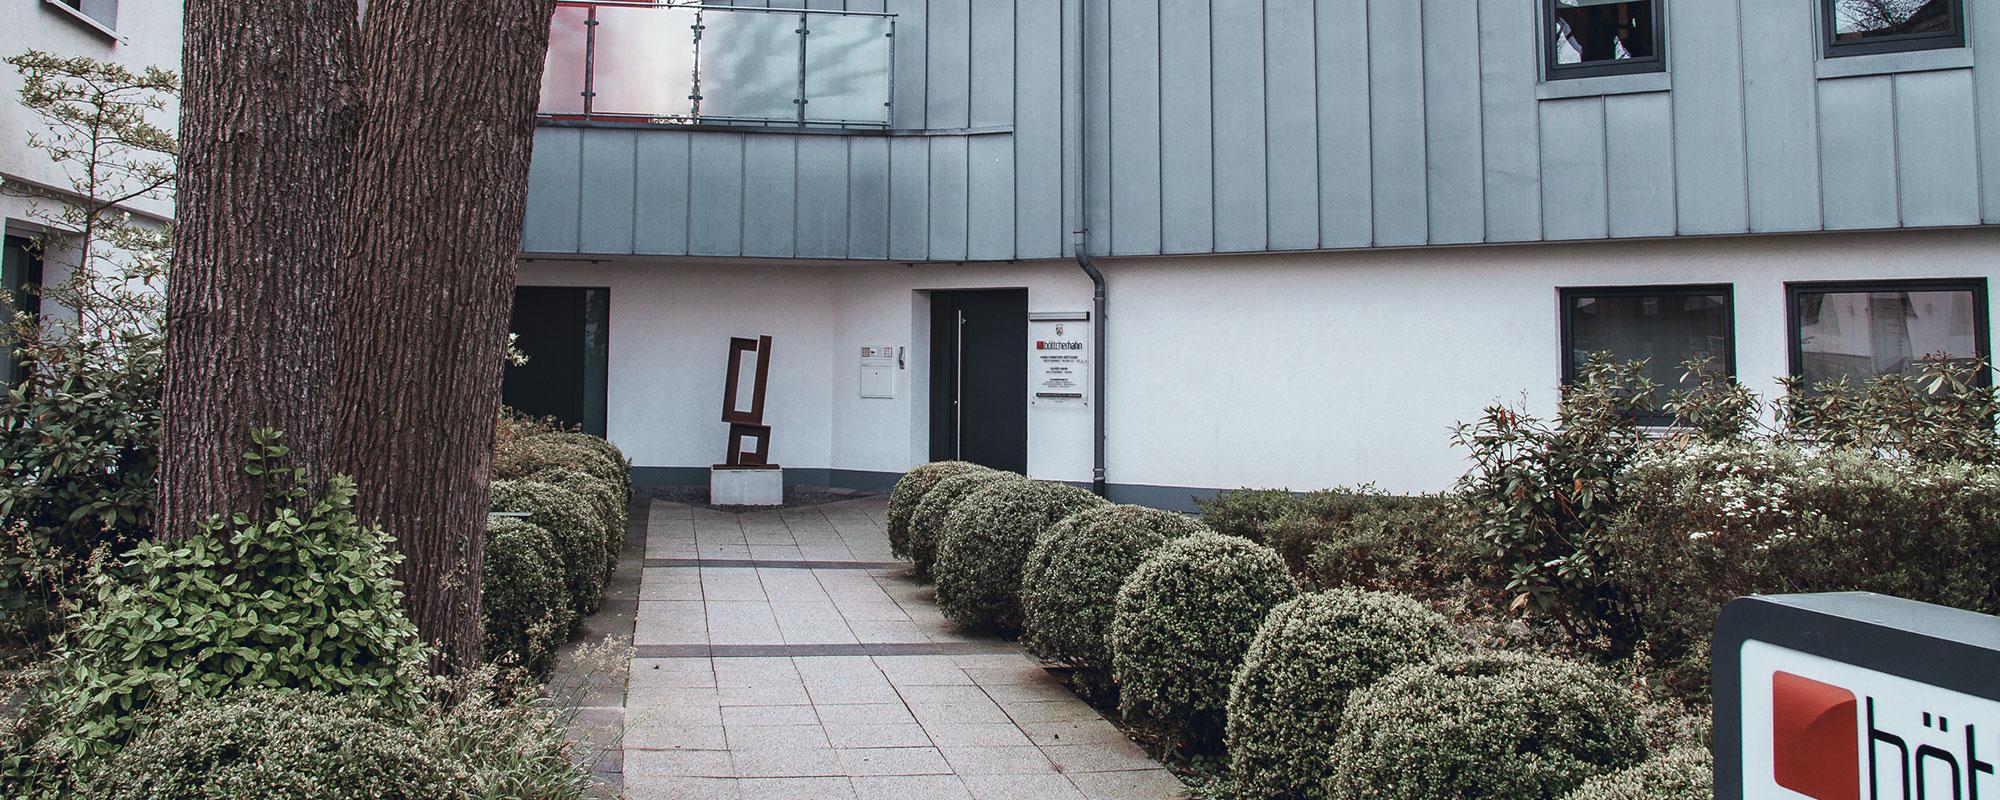 böttcher.hahn Eingang Sozietät Wellinghofer Amtsstraße